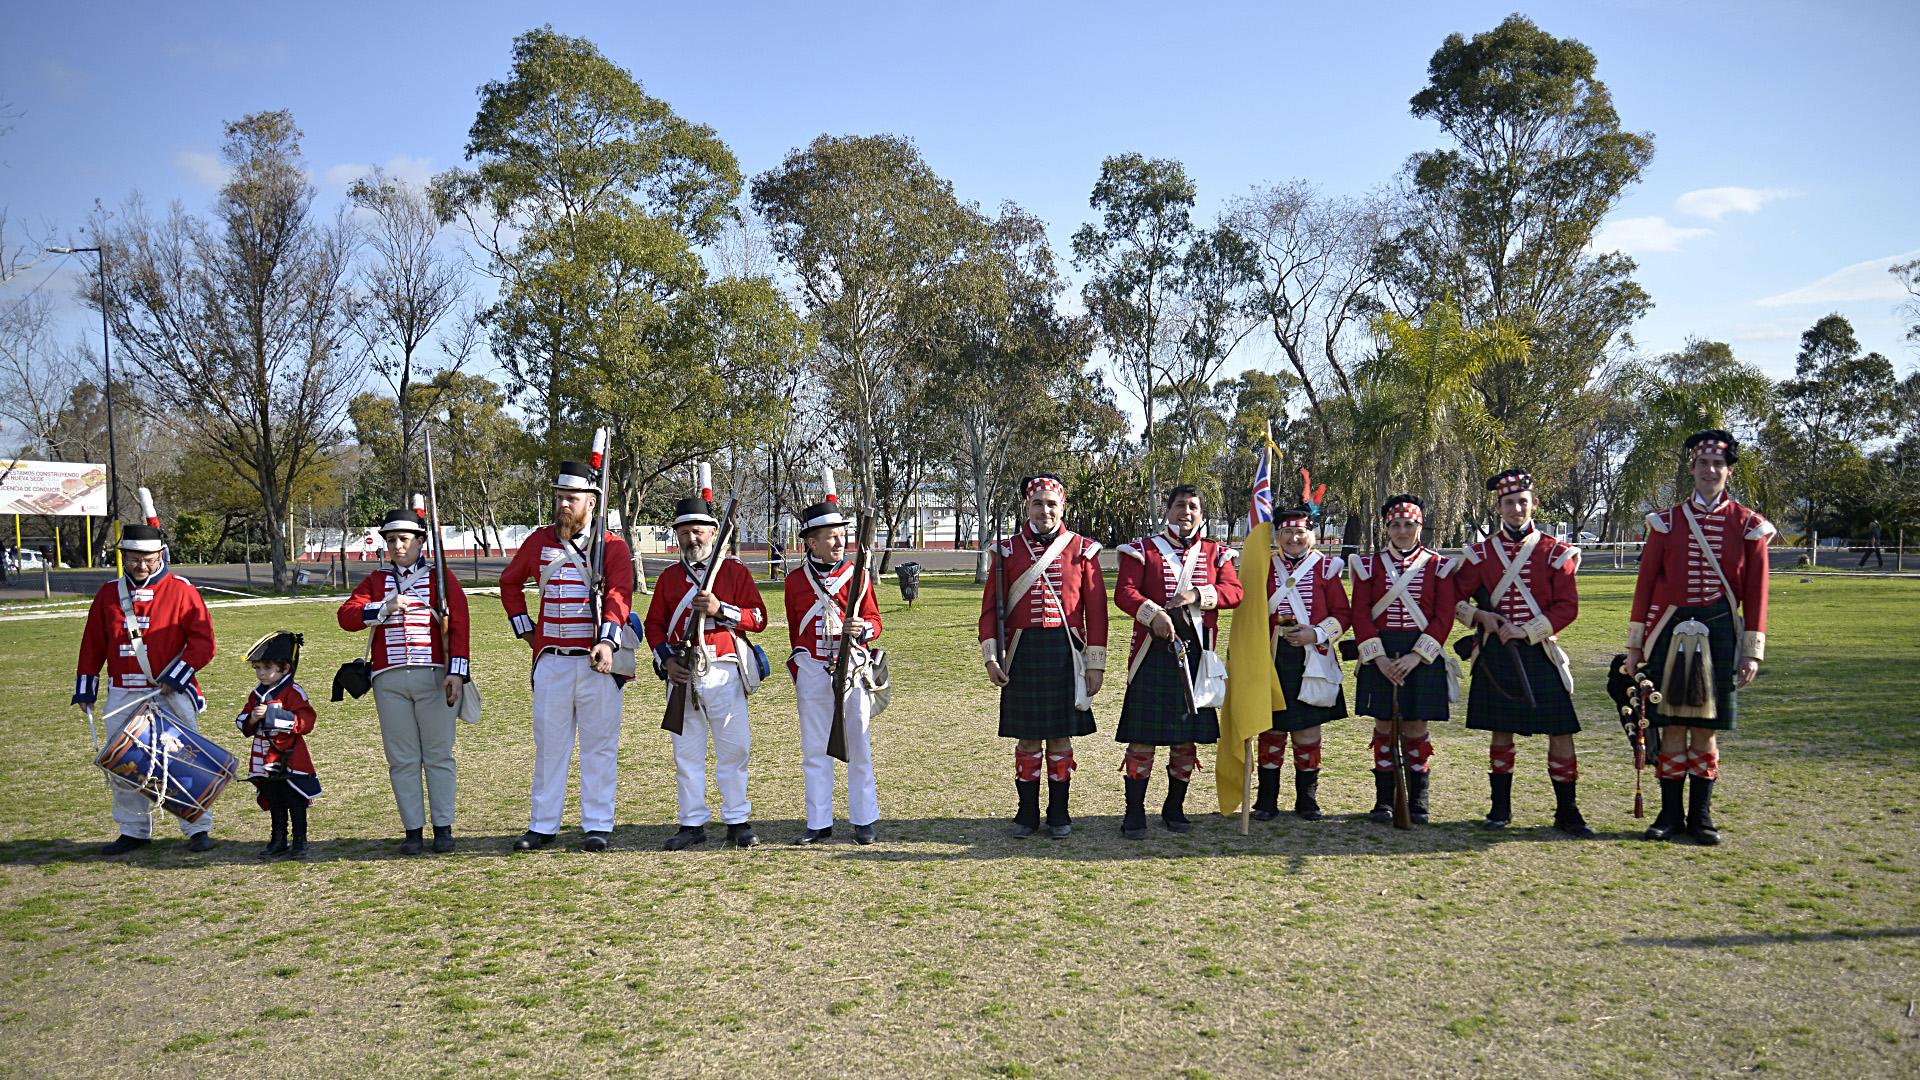 Uno de los shows más esperados fue la fue recrear las invasiones inglesas en Buenos Aires y se dio cita a las 16:00 hs con la batalla de 1806 y Reconquista